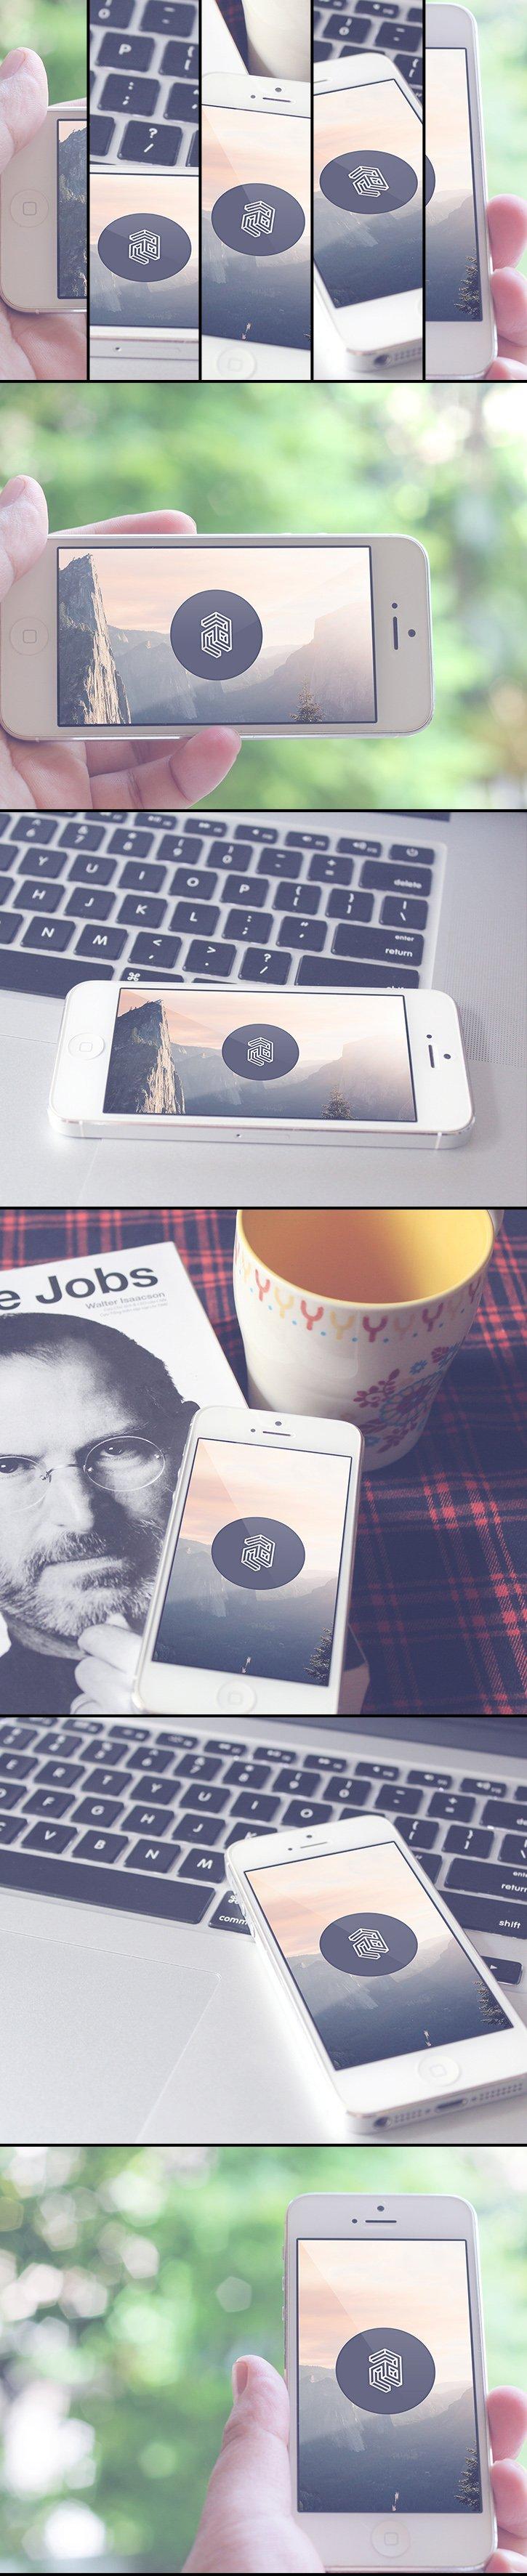 Mockup iPhone 5 (.Psd) скачать бесплатно